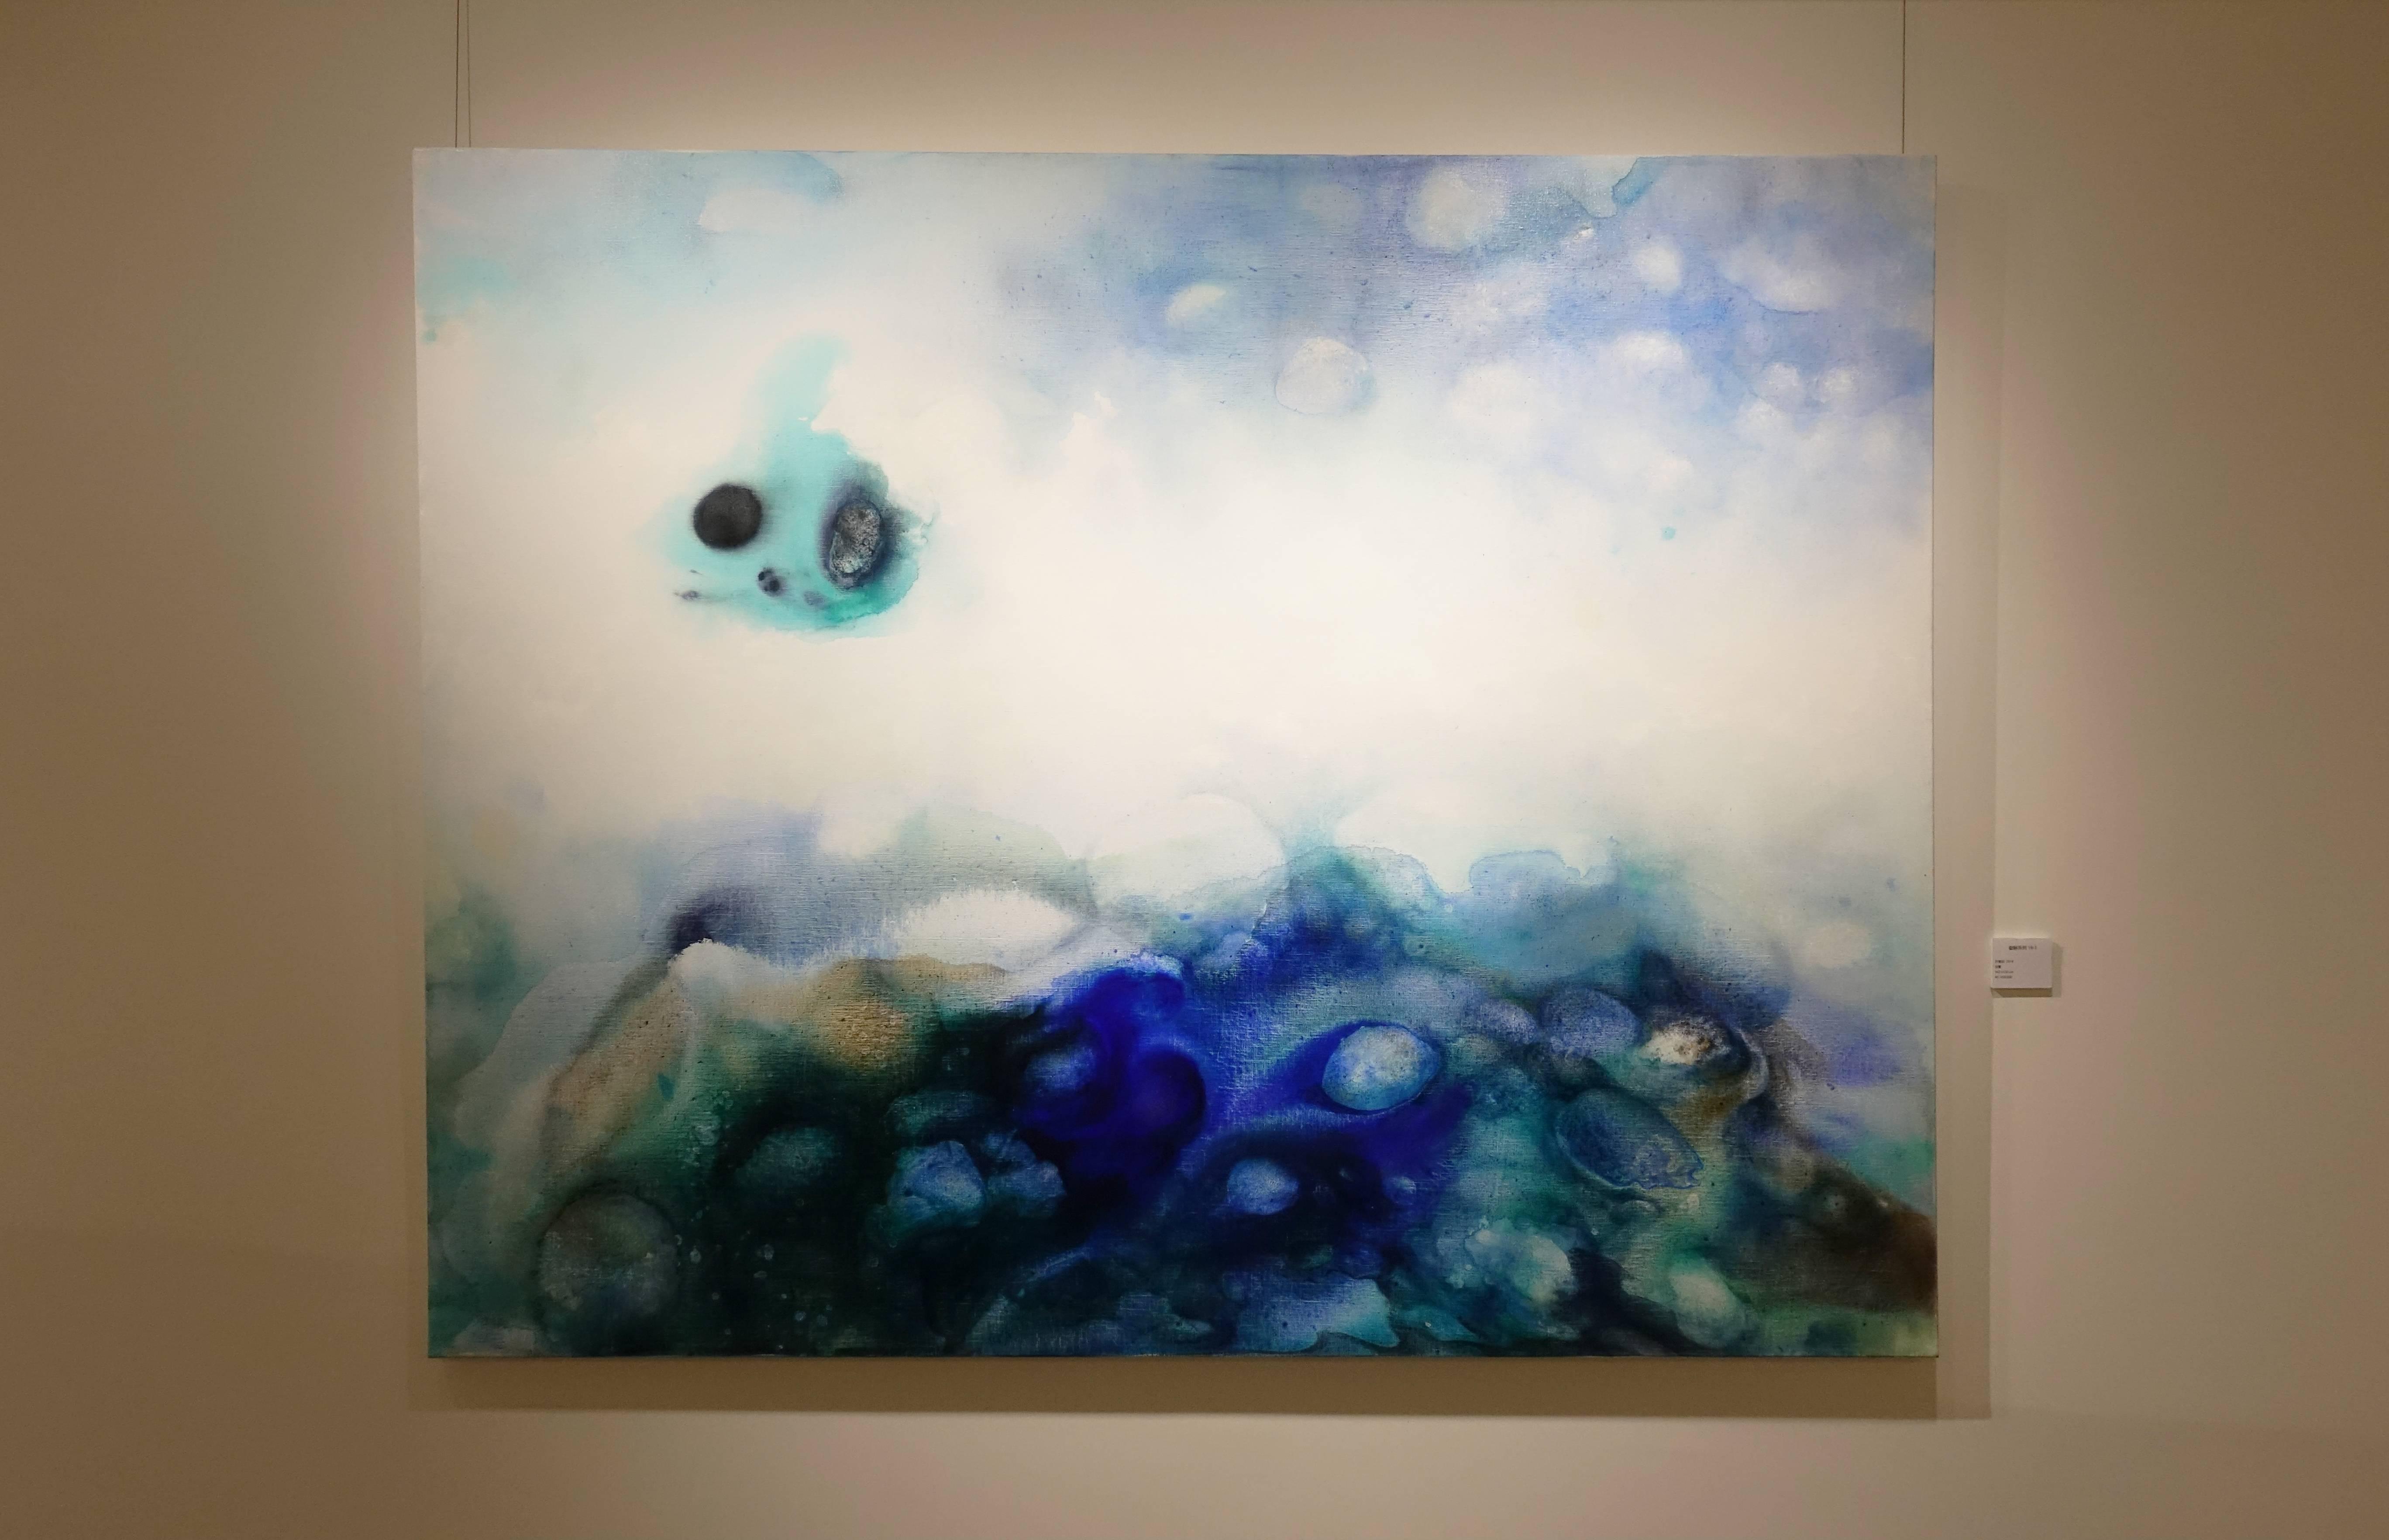 洪德忠,《動靜系列19-1》,油畫,2018。